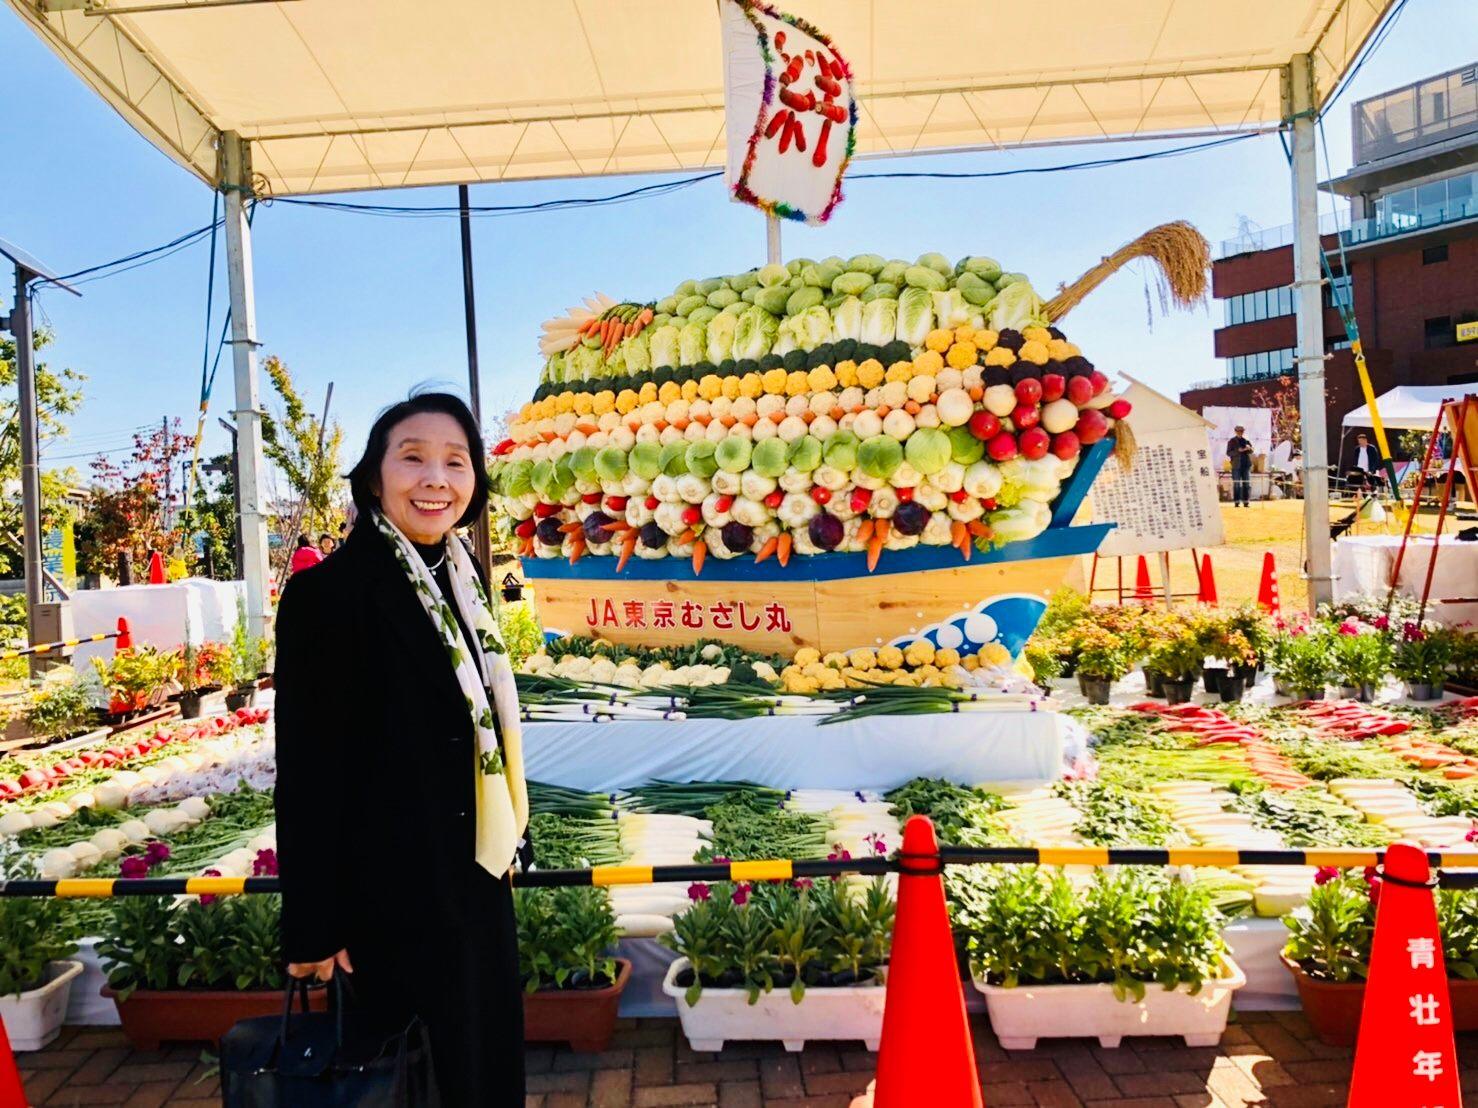 農とふれあおう!第59回三鷹市農業祭(2日目)